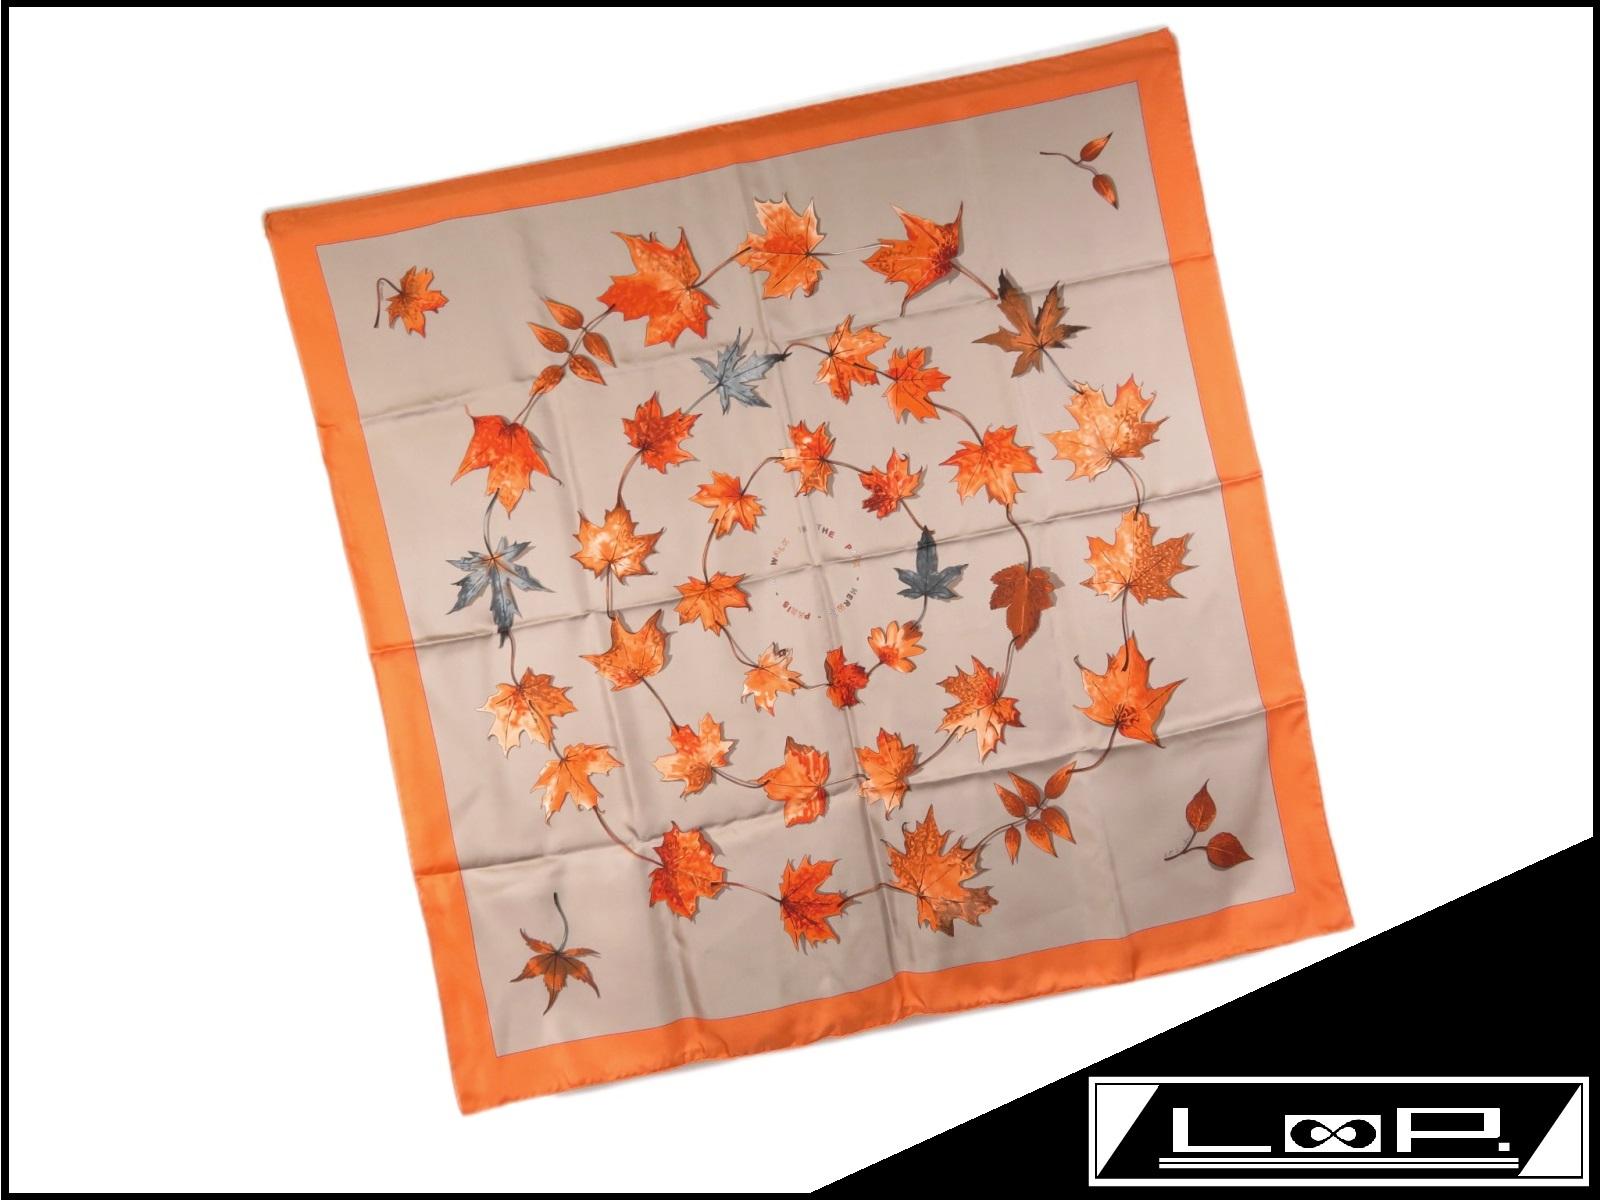 【美品】 HERMES エルメス カレ 90 A WALK IN THE PARK スカーフ 紅葉 葉っぱ シルク オレンジ ブラウン 茶 グレー 【A23084】 【中古】